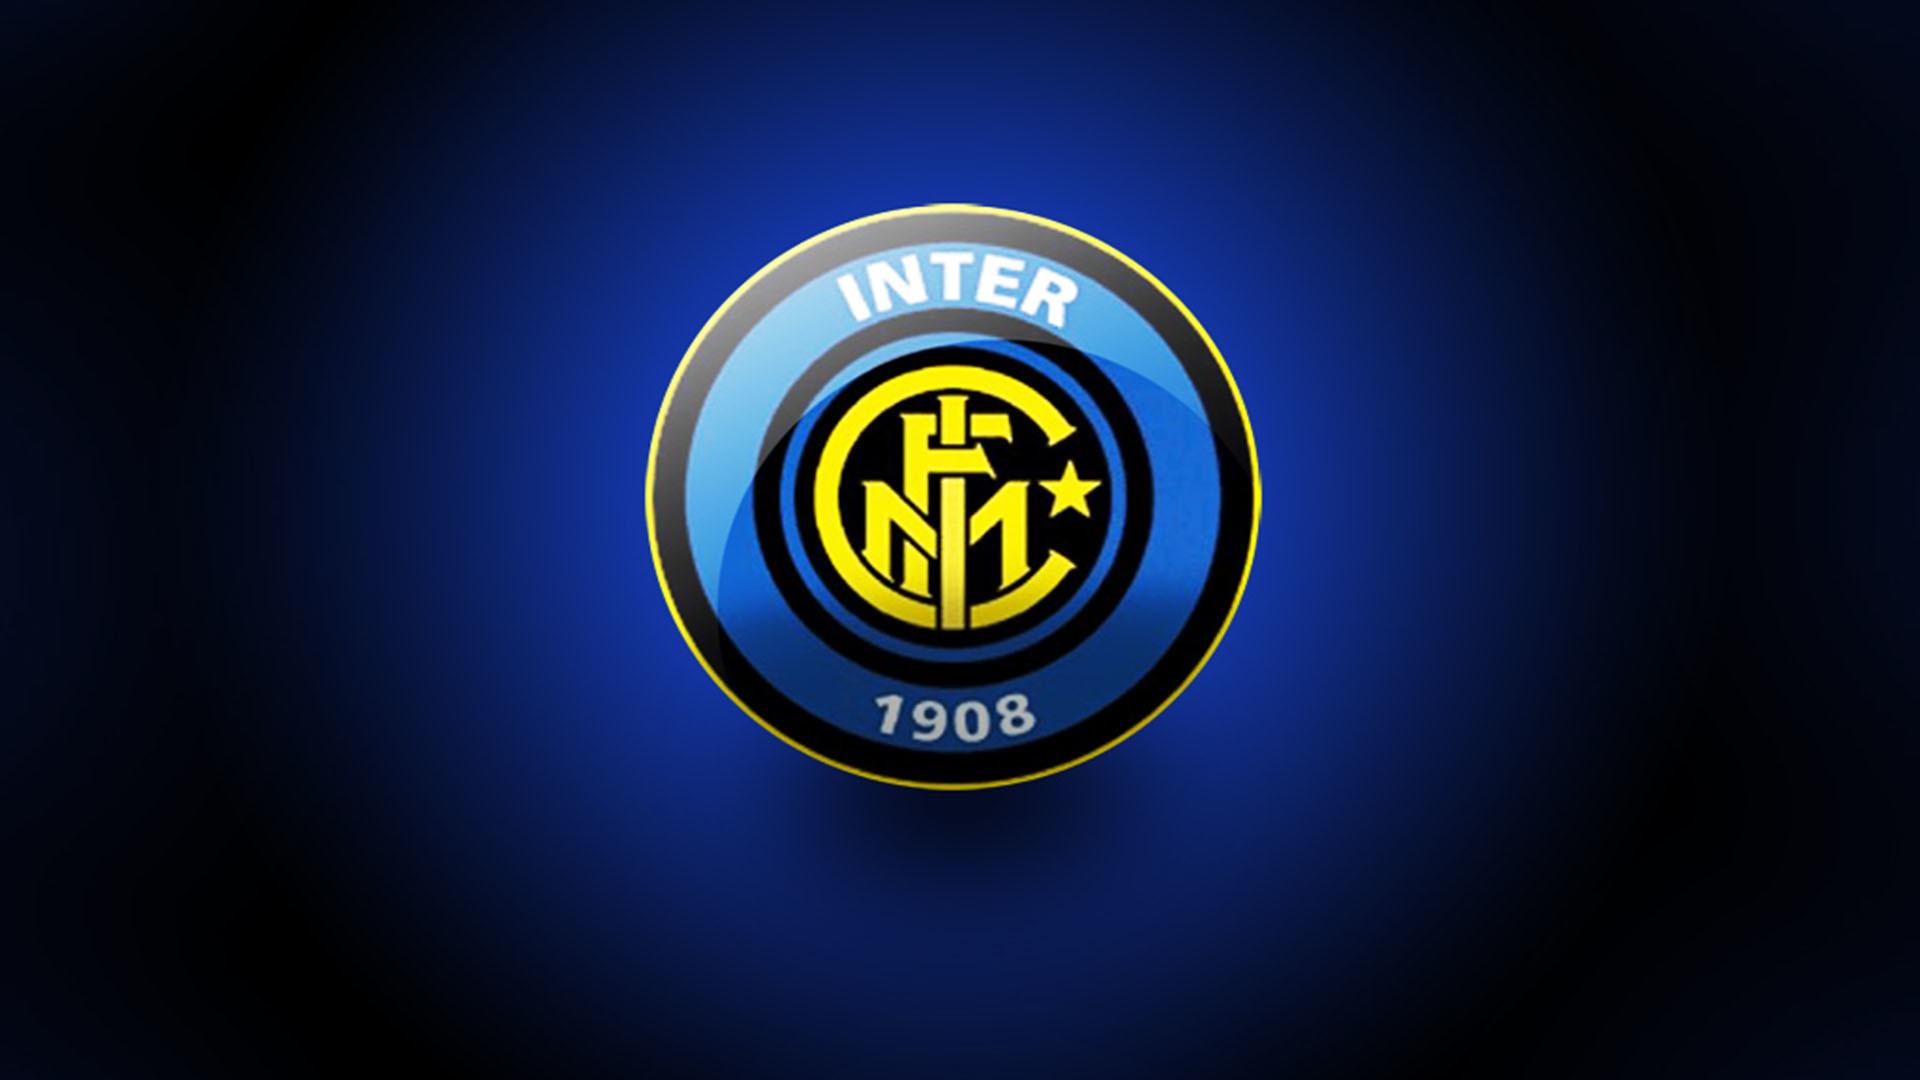 Inter Milan Wallpaper hd